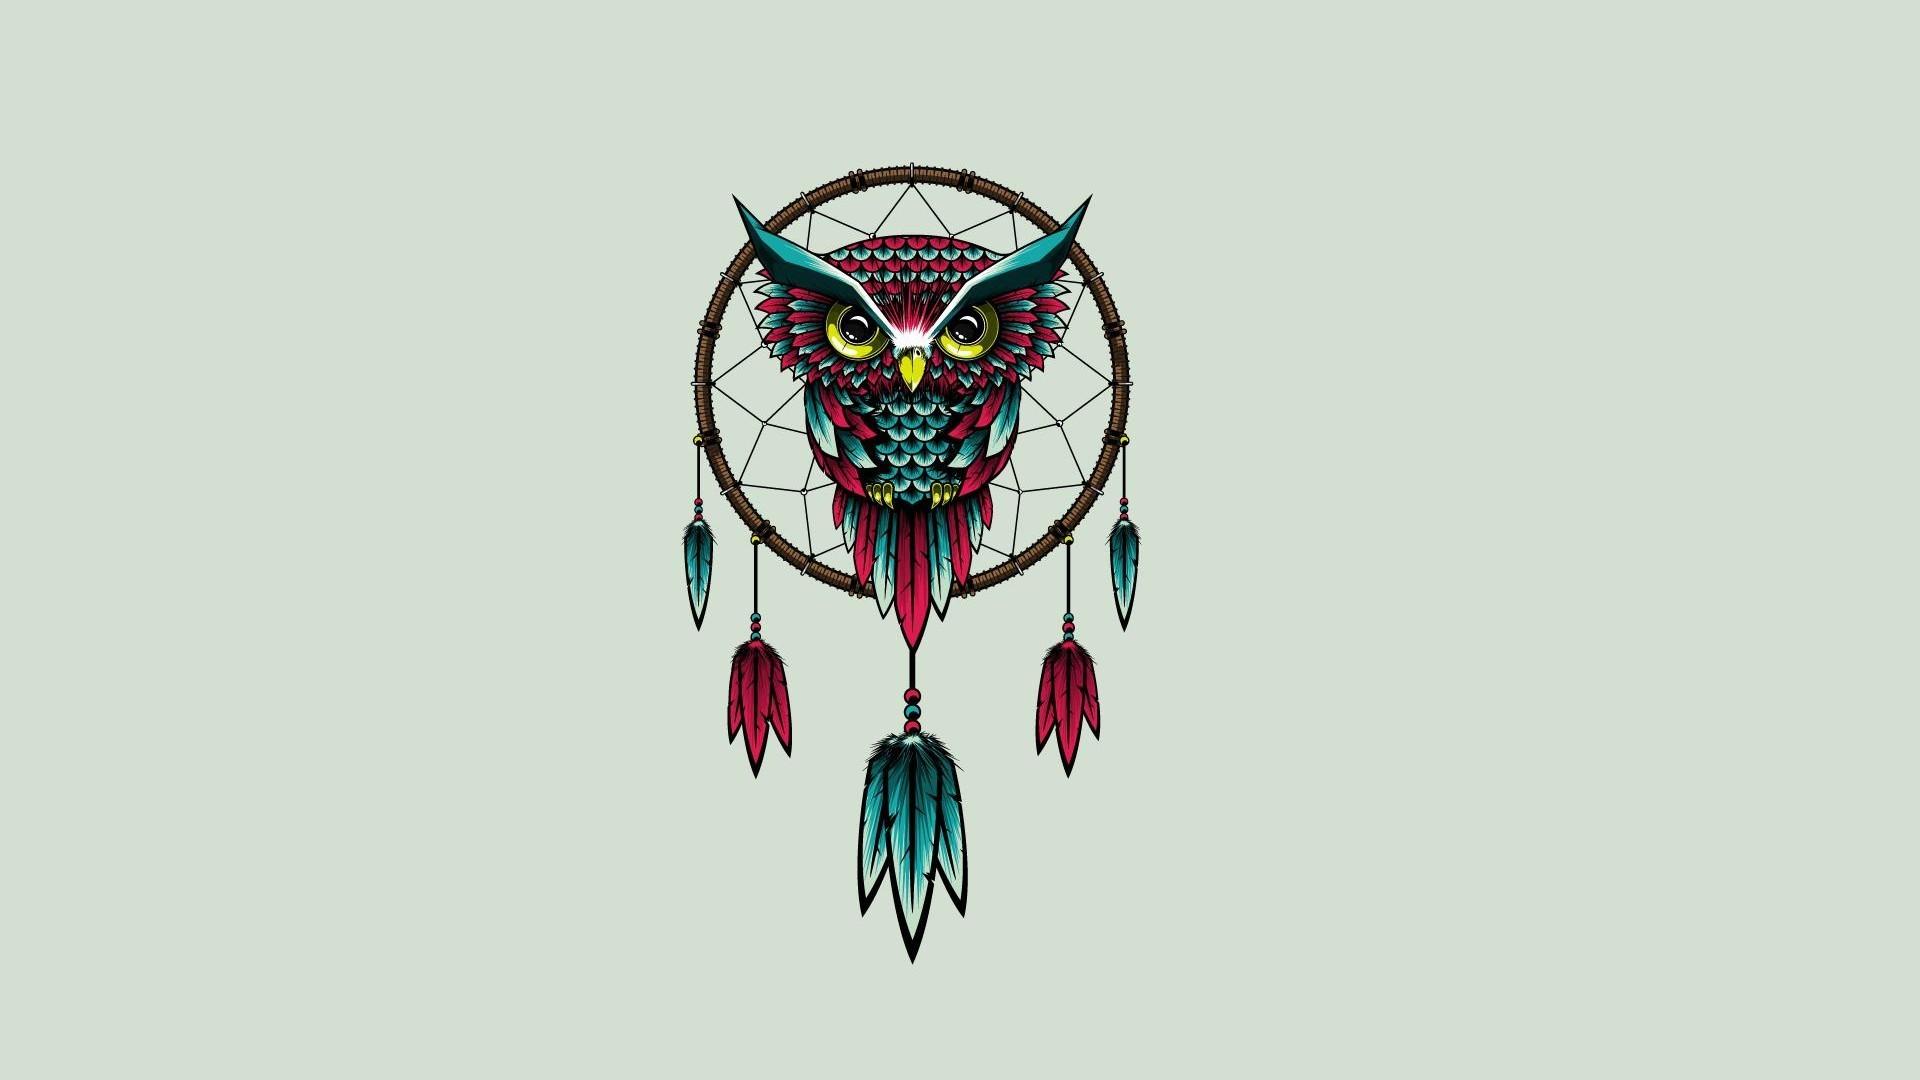 Res: 1920x1080, Cute Owl Wallpaper 3